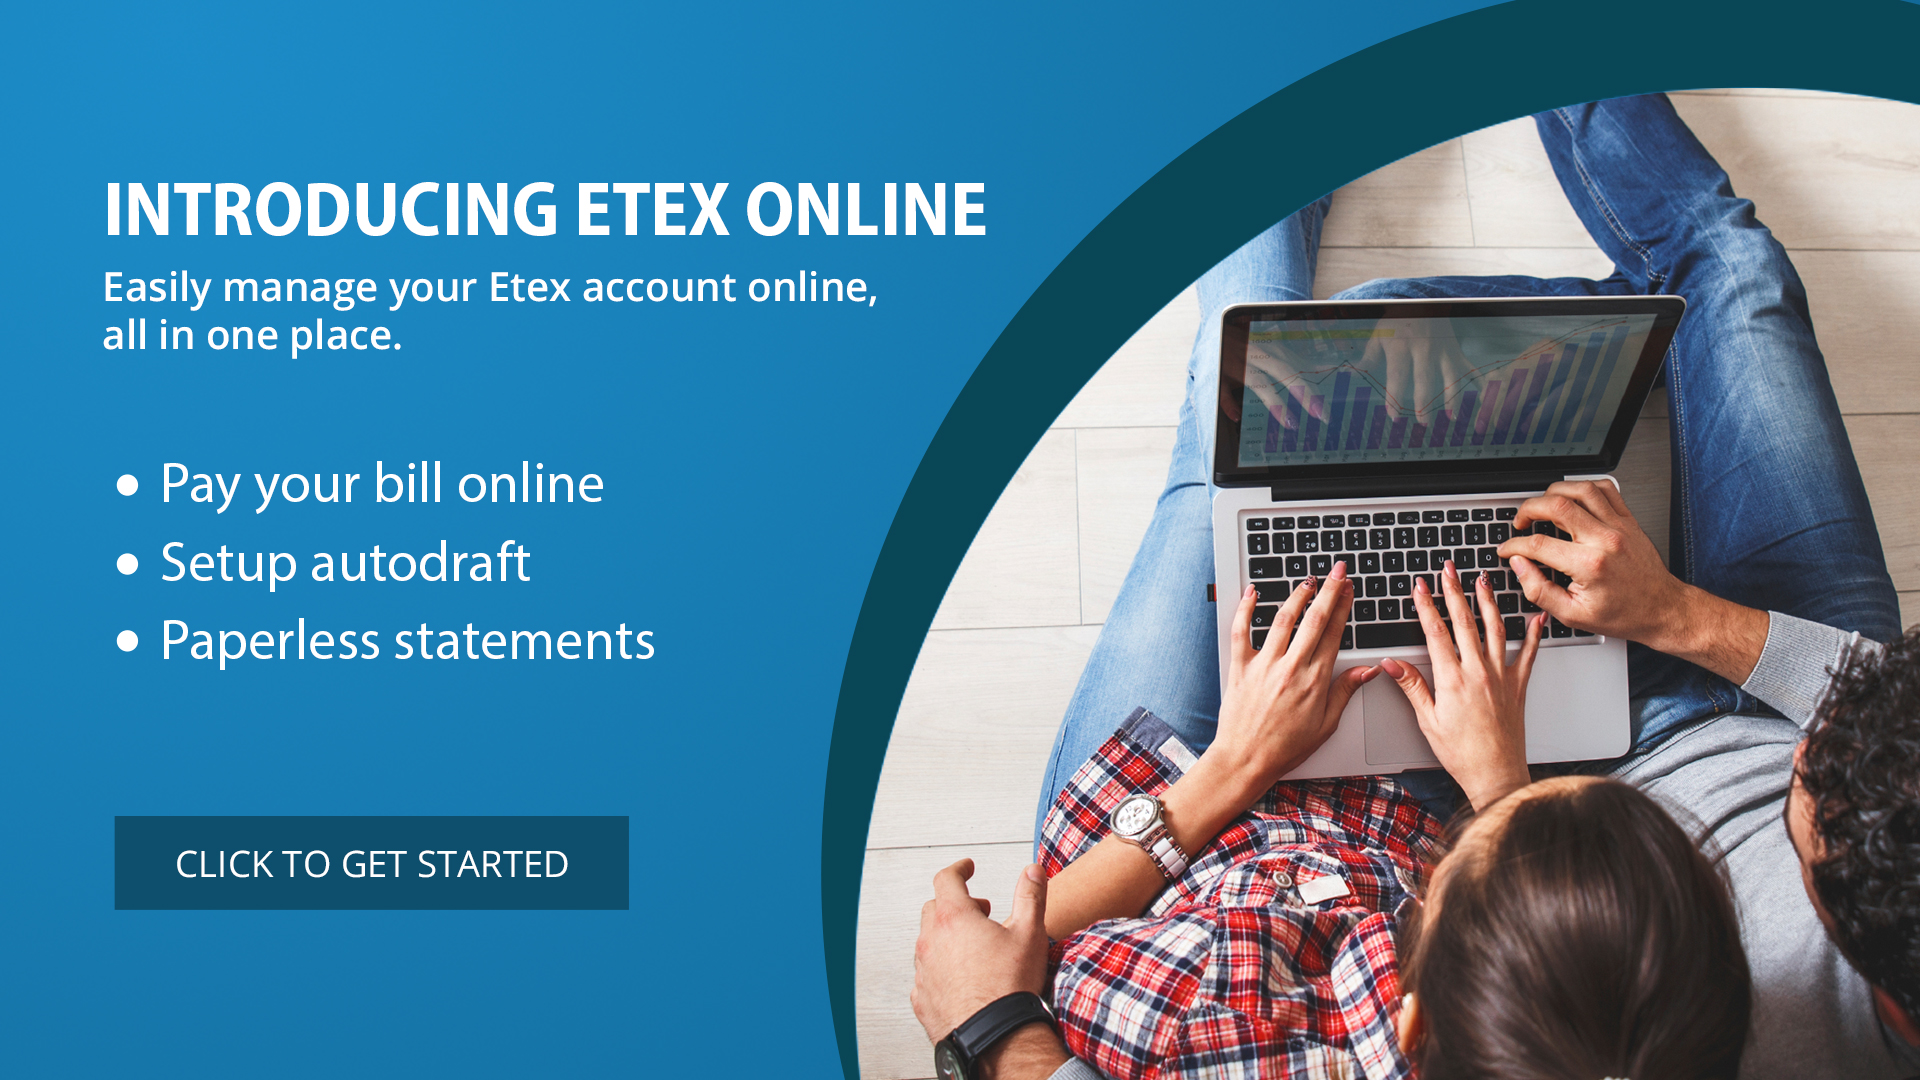 etex-ebilling-promo-banner